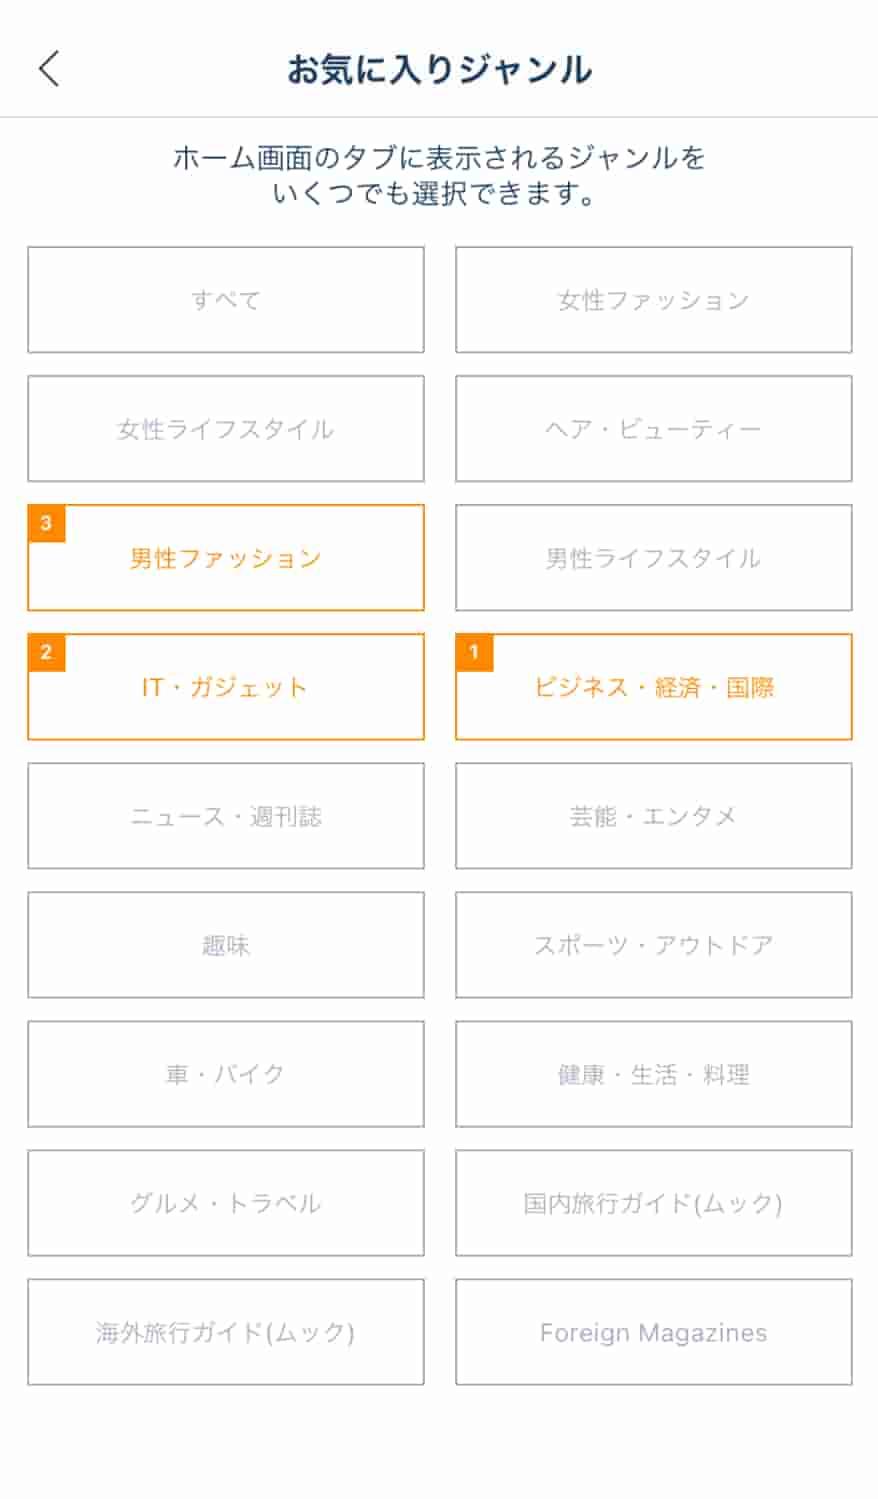 楽天マガジンのホーム画面カスタマイズ